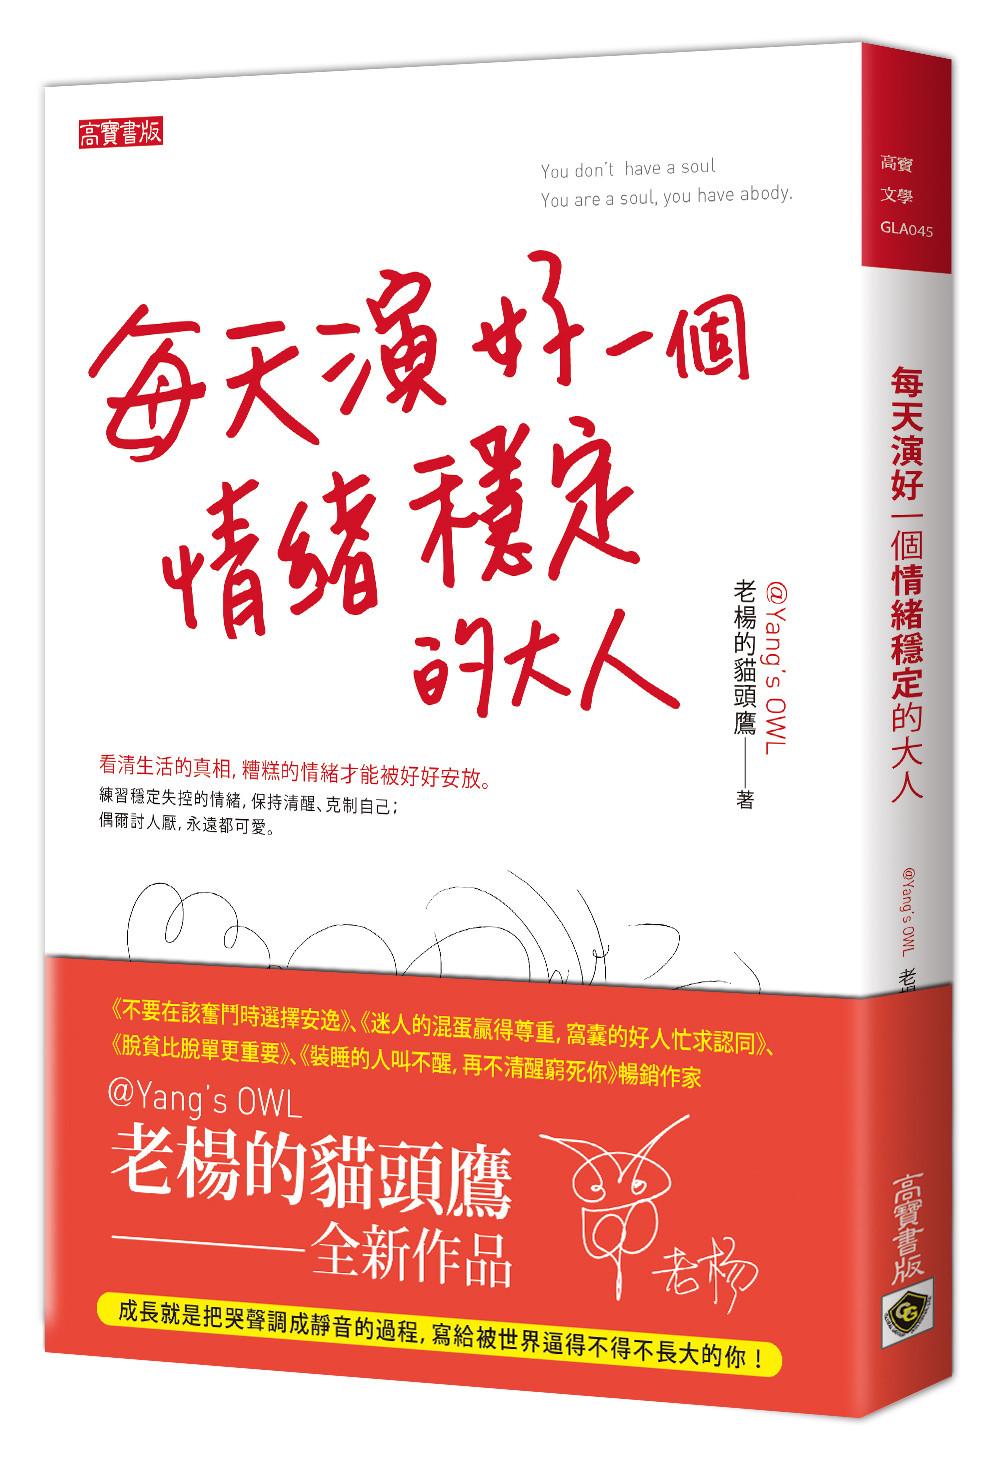 ▲▼書籍《每天演好一個情緒穩定的大人》。(圖/高寶書版提供,請勿隨意翻拍,以免侵權。)